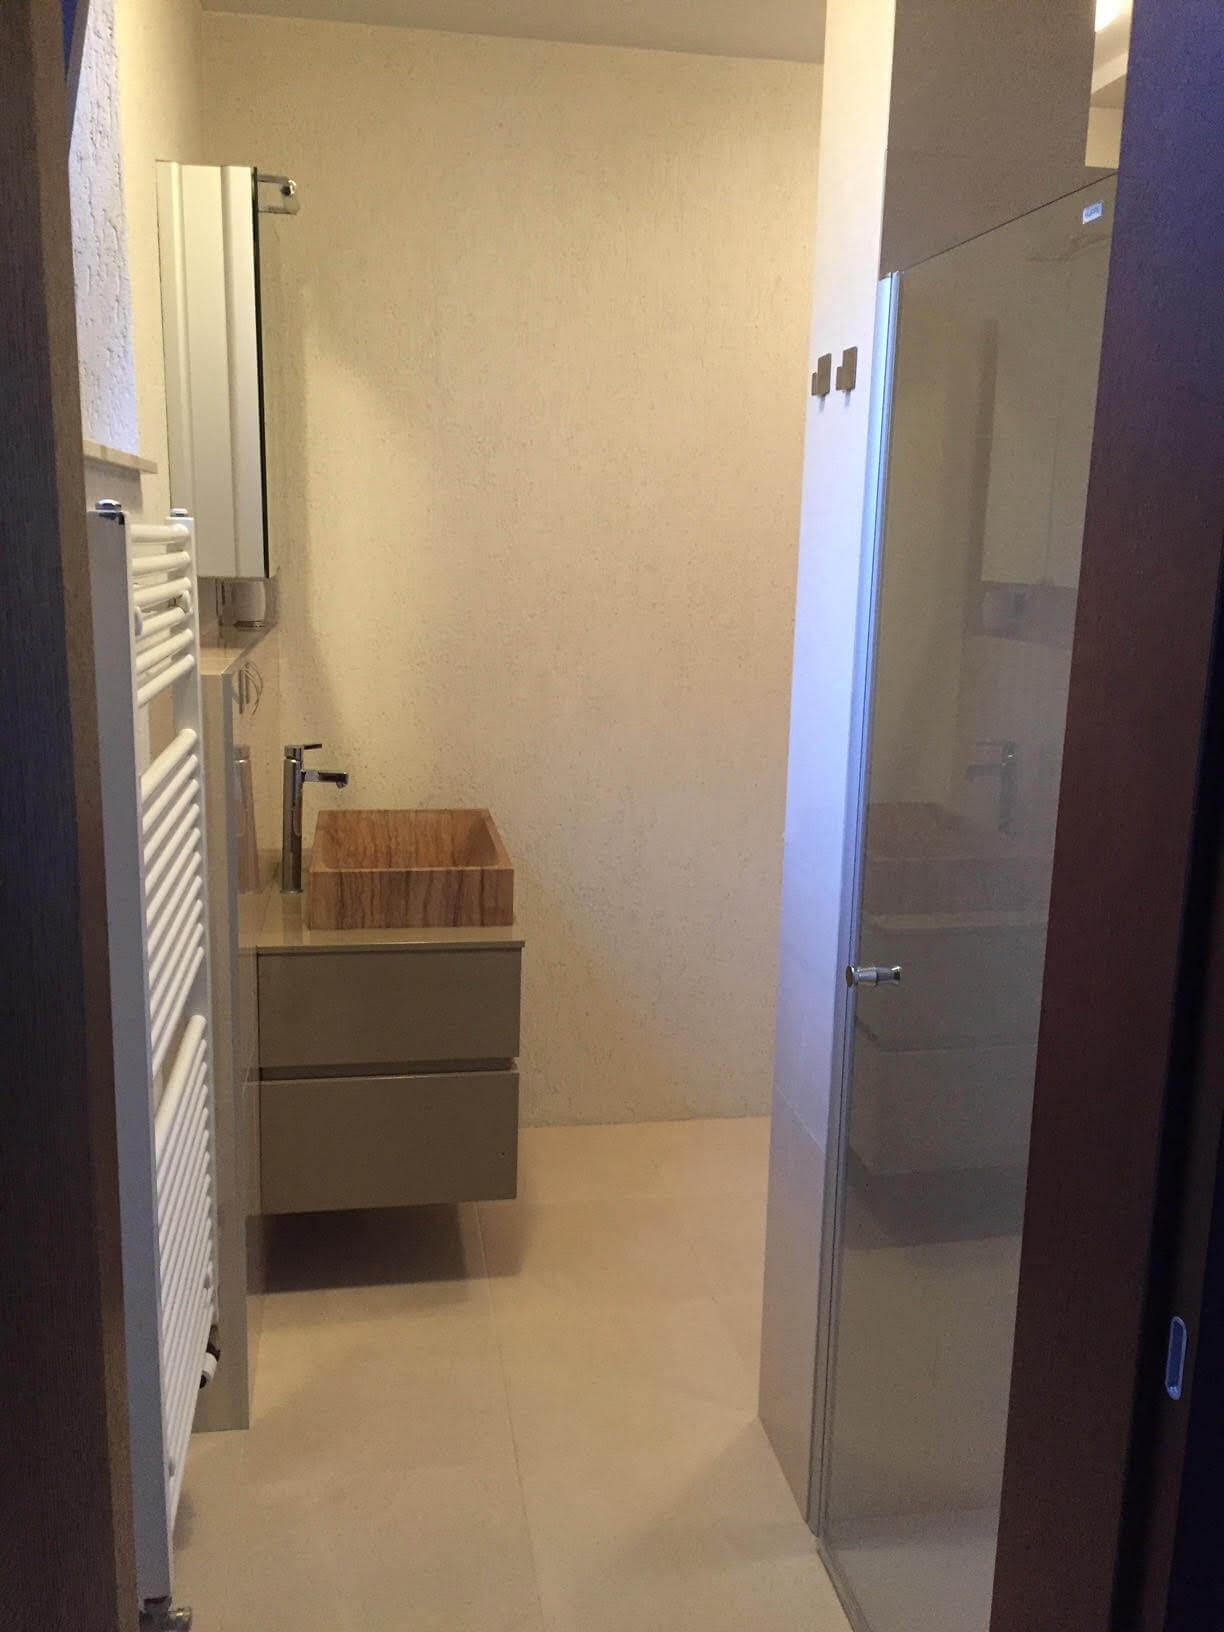 Prenajaté: Luxusný 3 izbový byt v centre BA, 88m2, Dunajská 48, balkón 6m, garážové státie,klimatizácia, krb-8